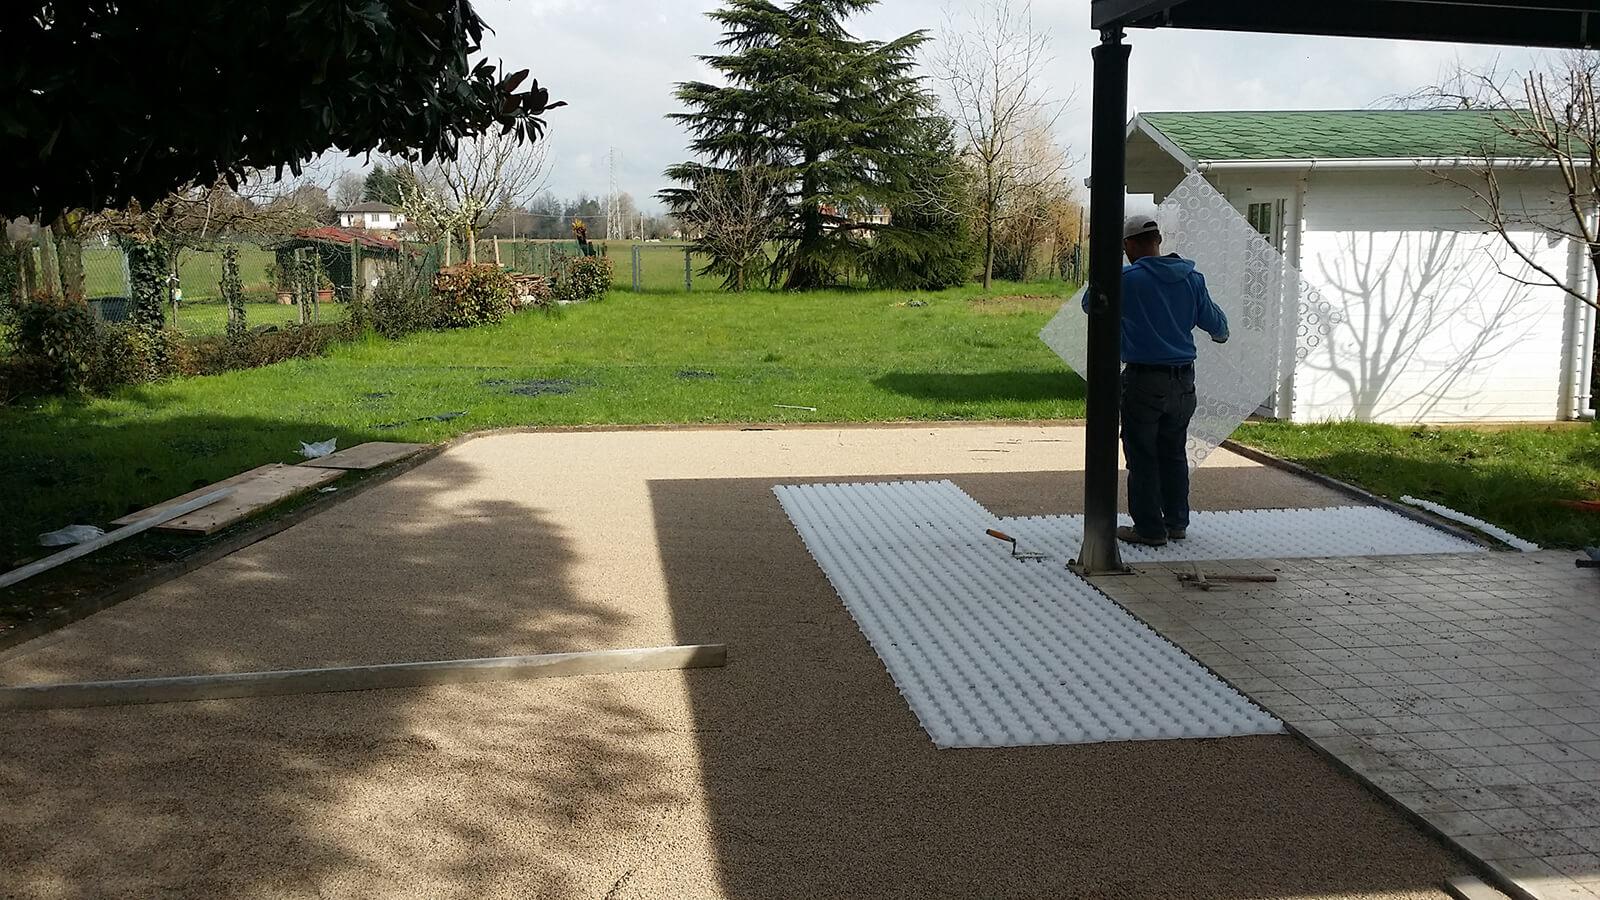 progettazione realizzazione giardini monticello conte otto - verde blu giardini 3